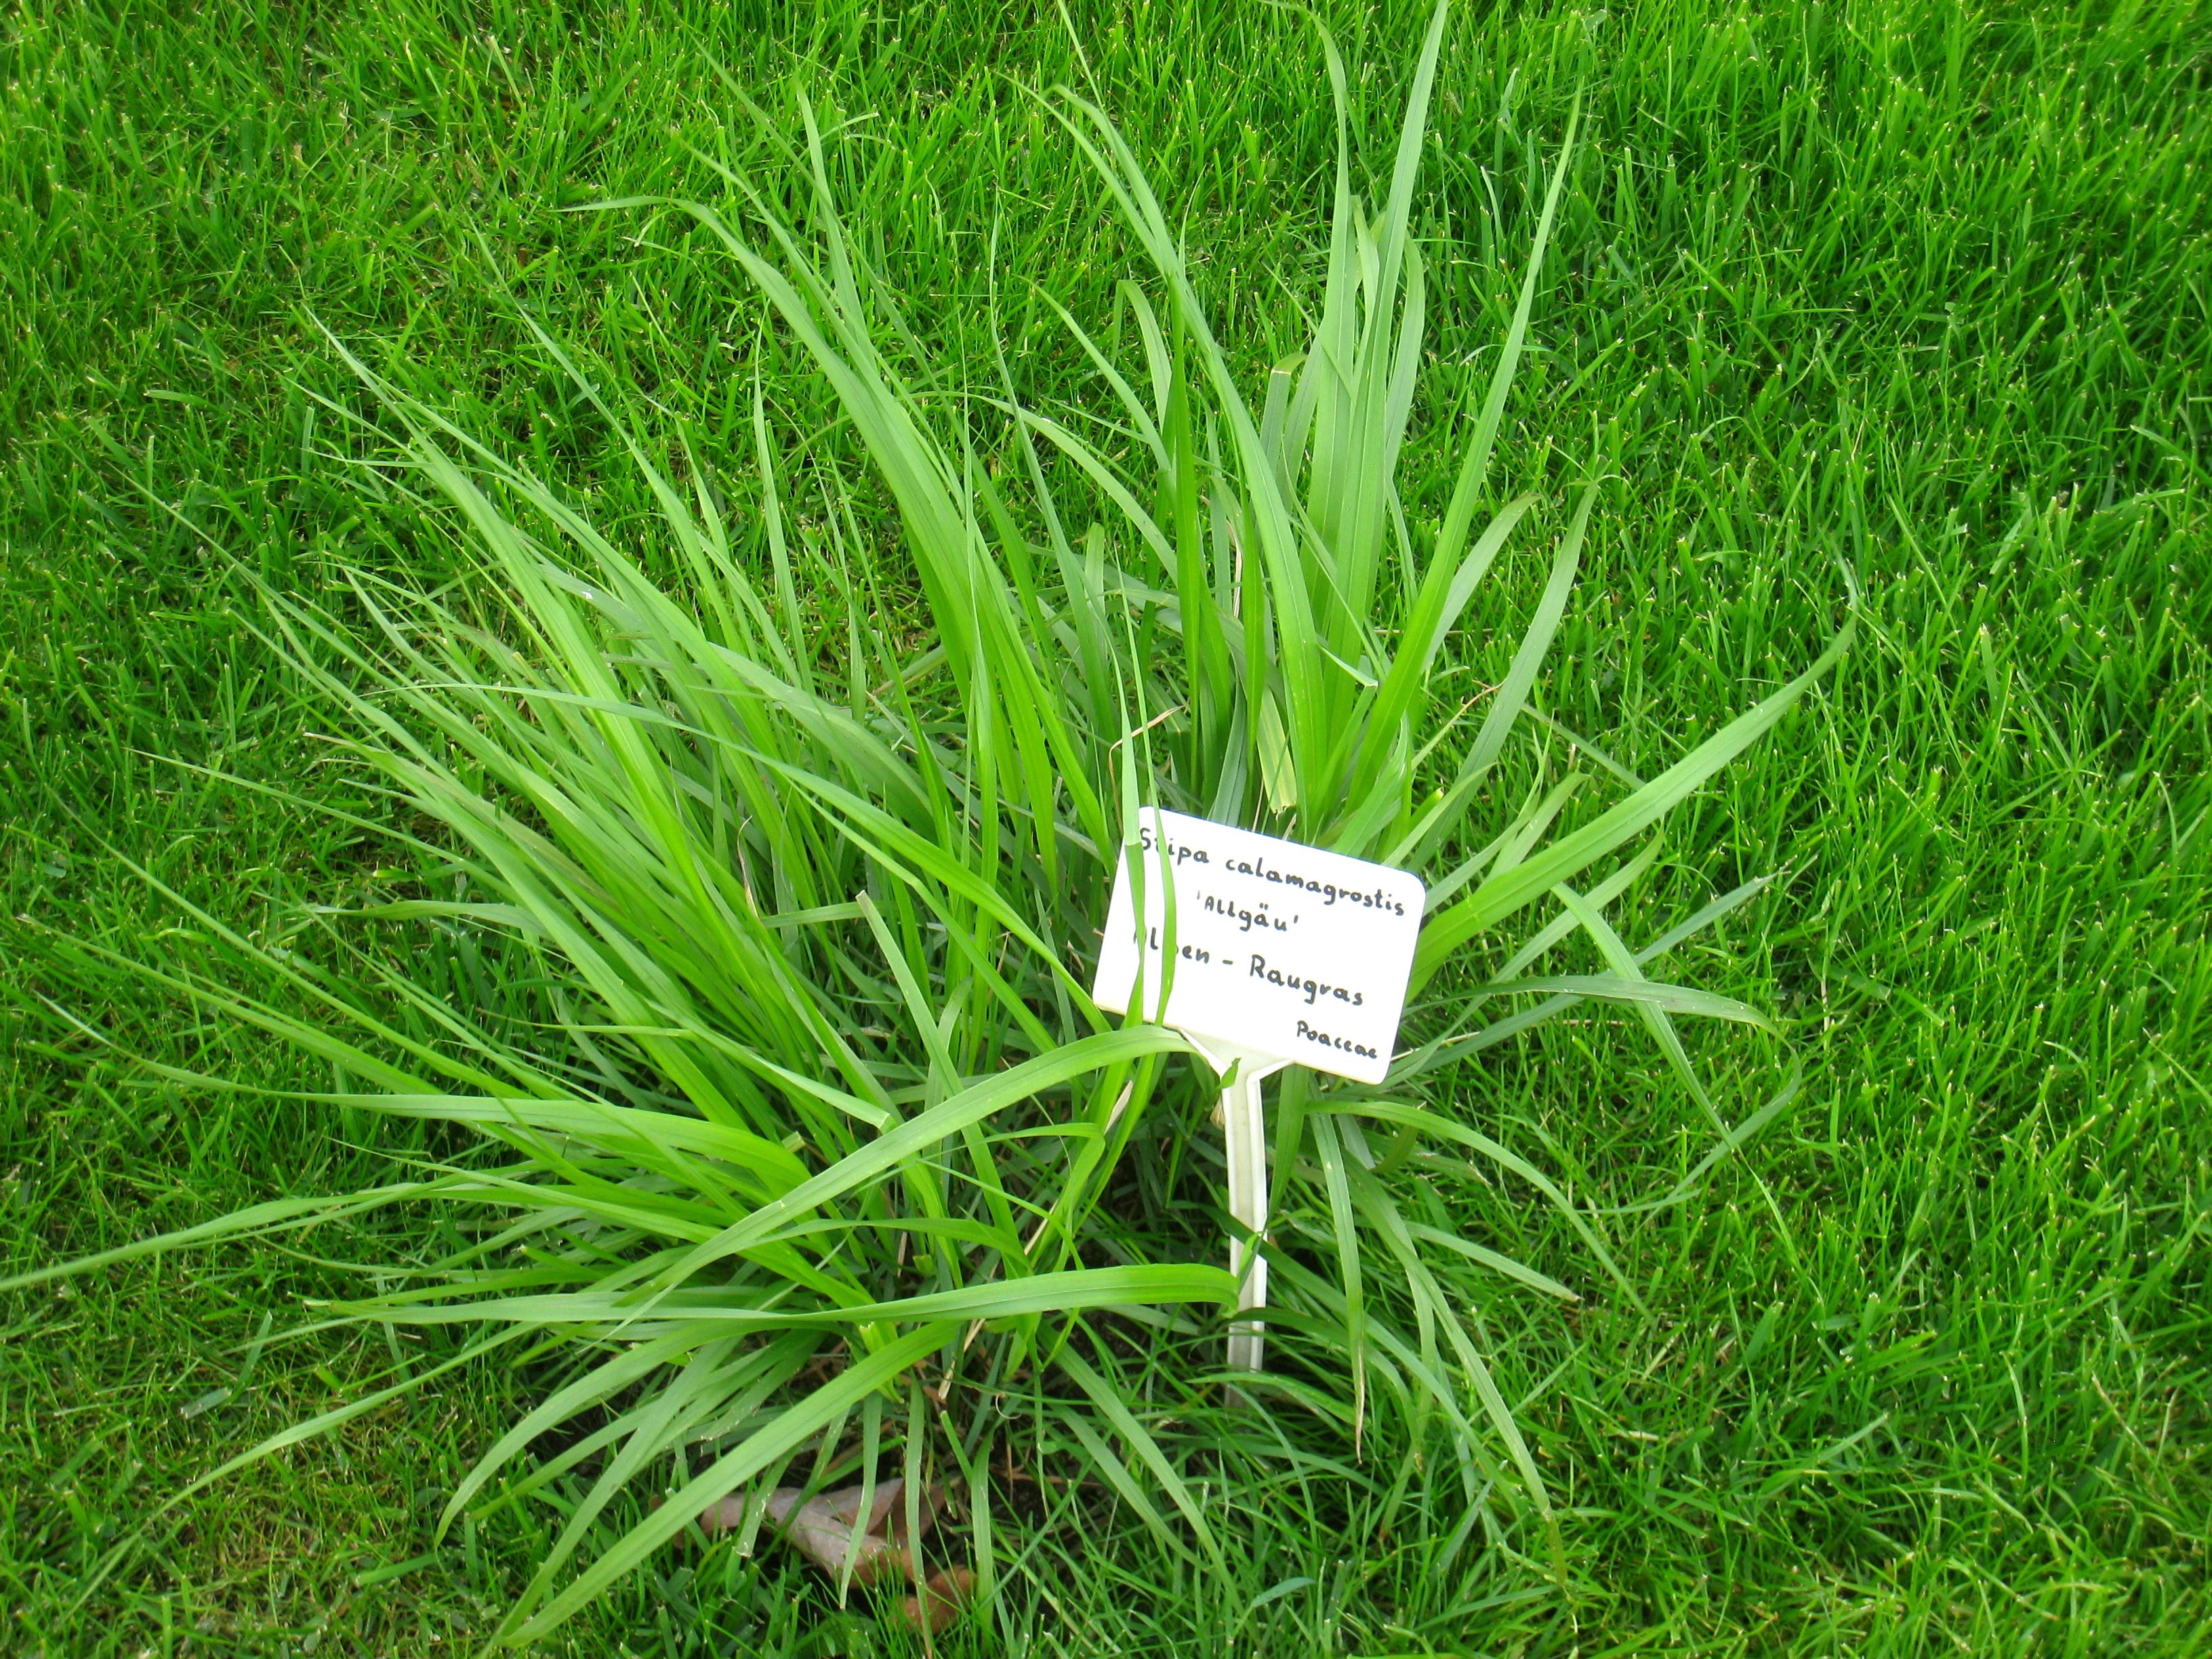 File:Stipa Calamagrostis   Berlin Botanical Garden   IMG 8615.JPG